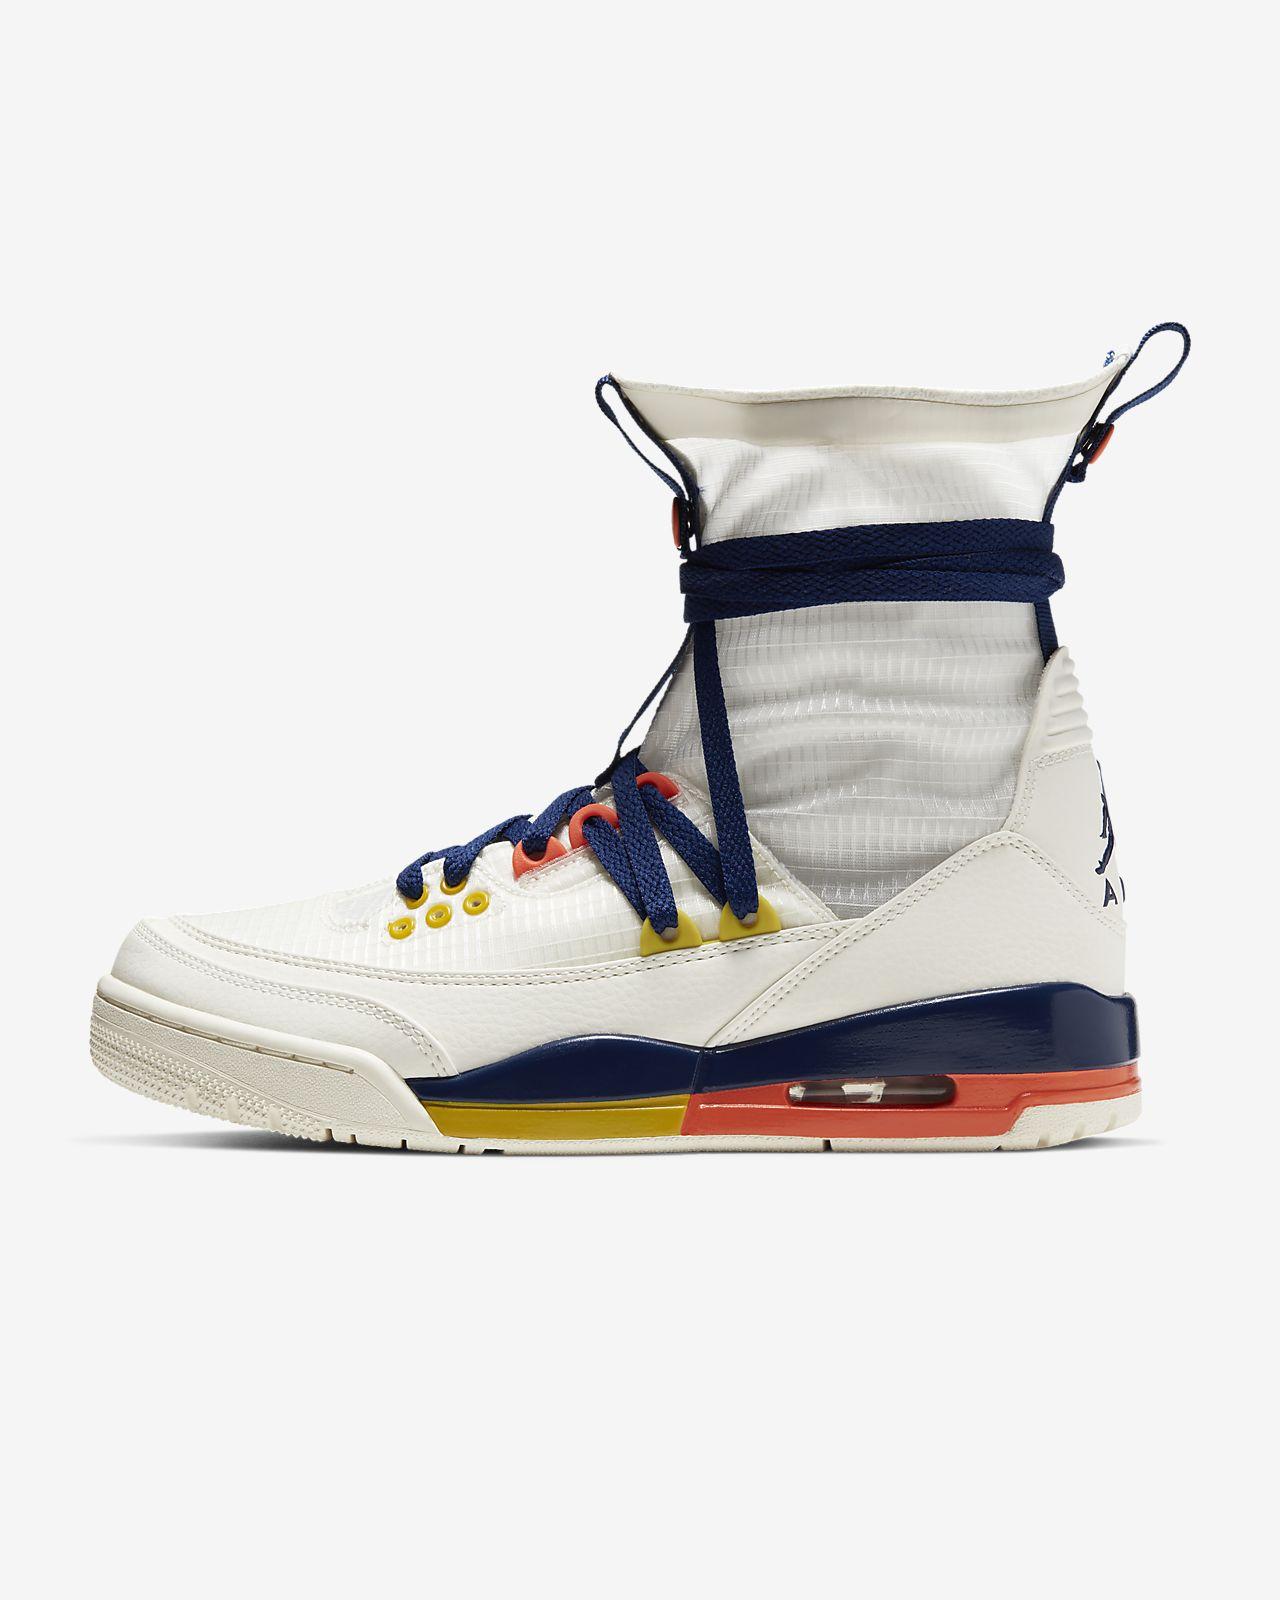 815e19501791 Chaussure Air Jordan 3 Retro Explorer Lite XX pour Femme. Nike.com BE